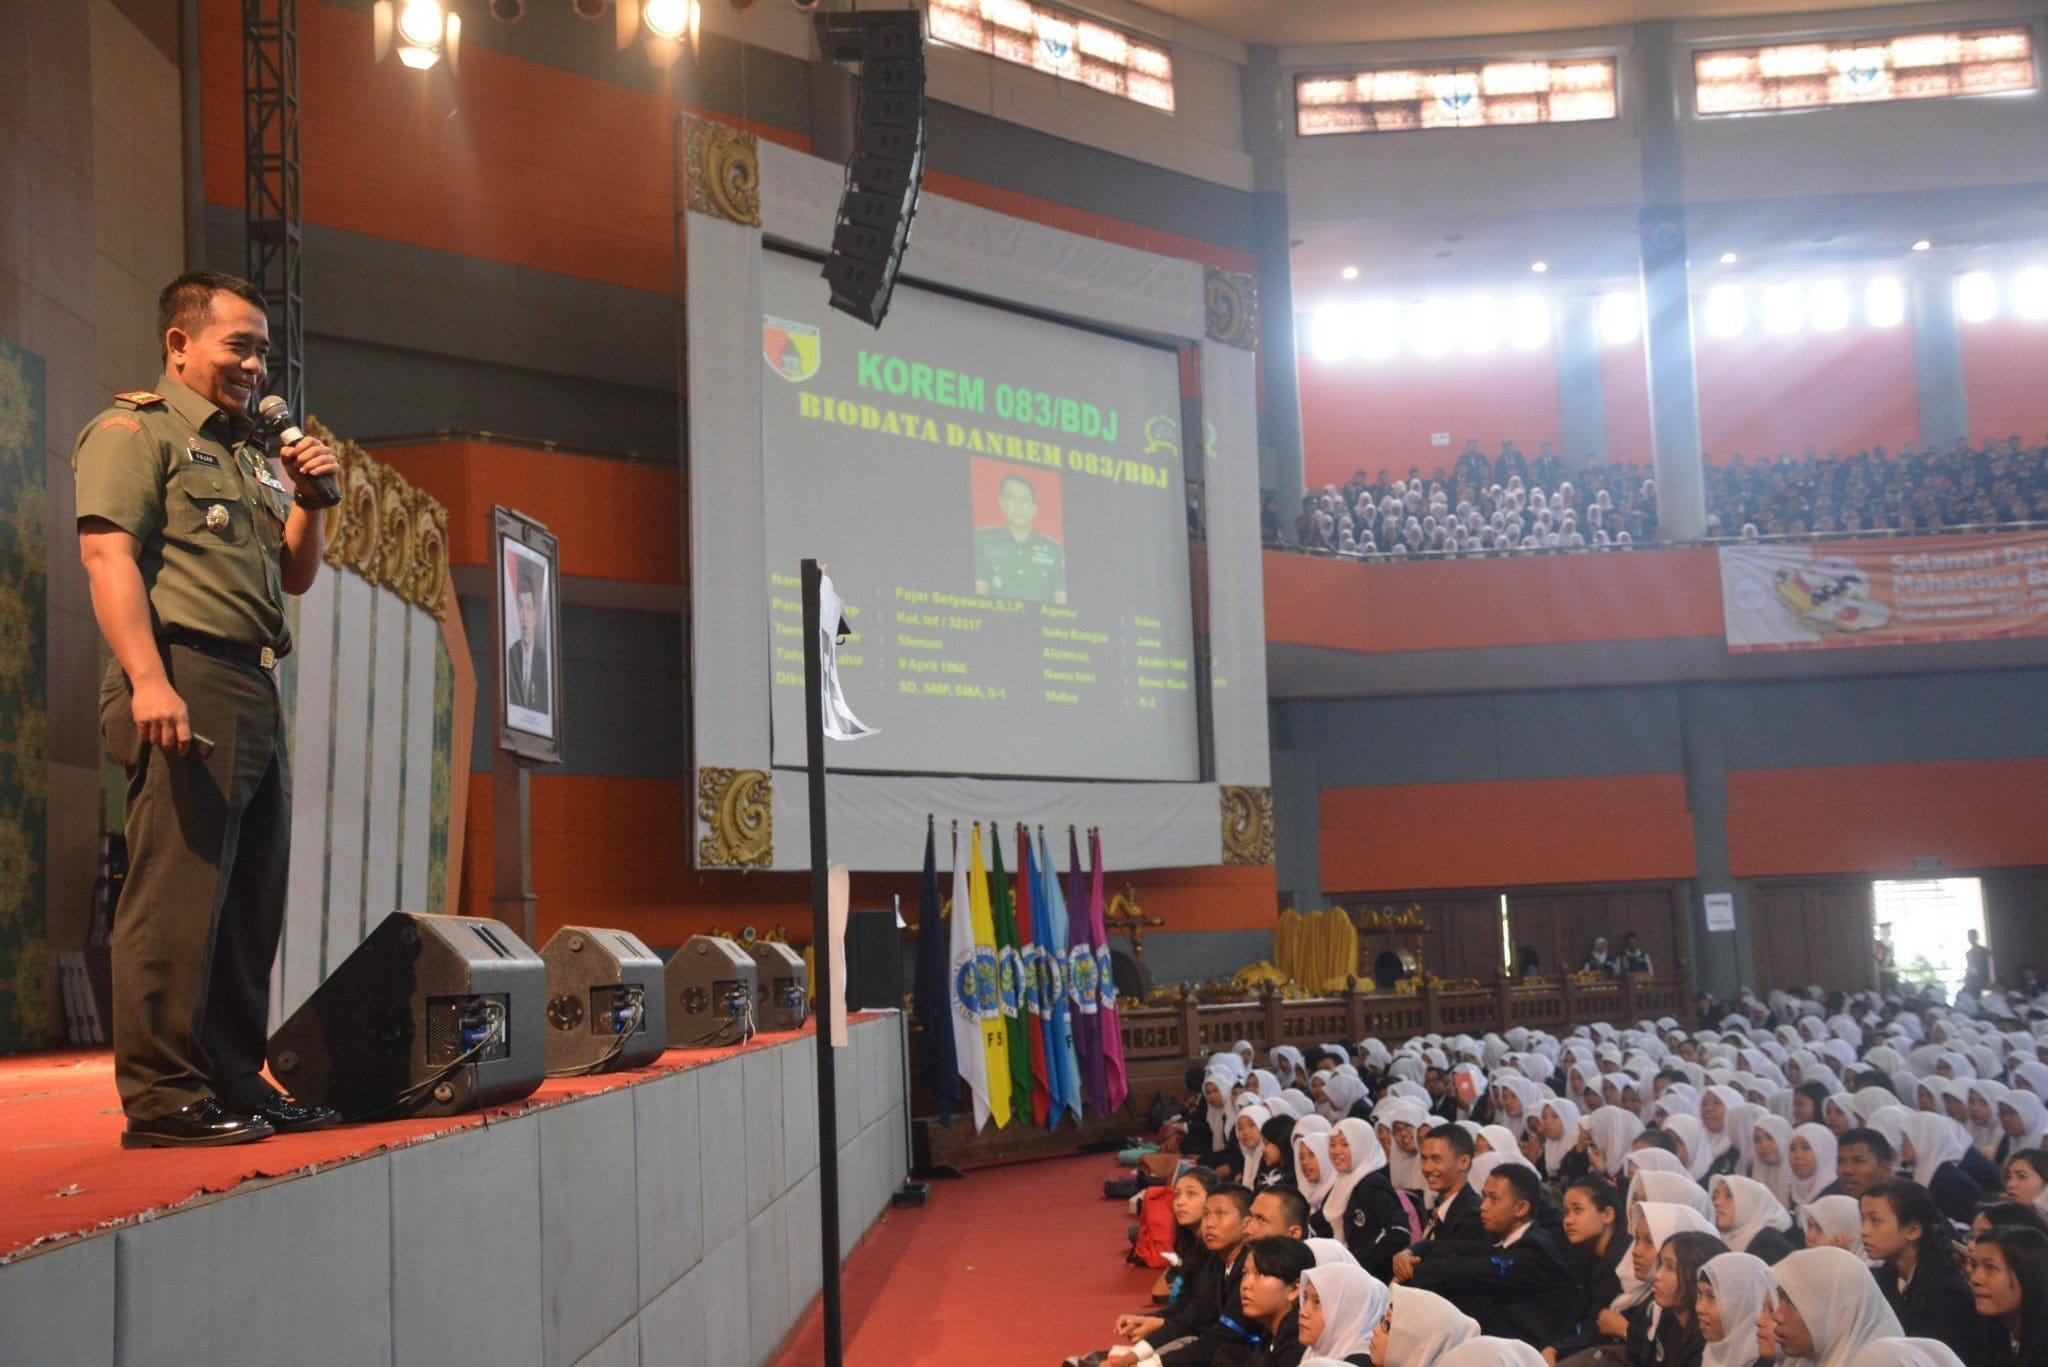 Danrem 083/Baladhika Beri Materi Wawasan Kebangsaan Bagi Mahasiswa Baru di Universitas Negeri Malang